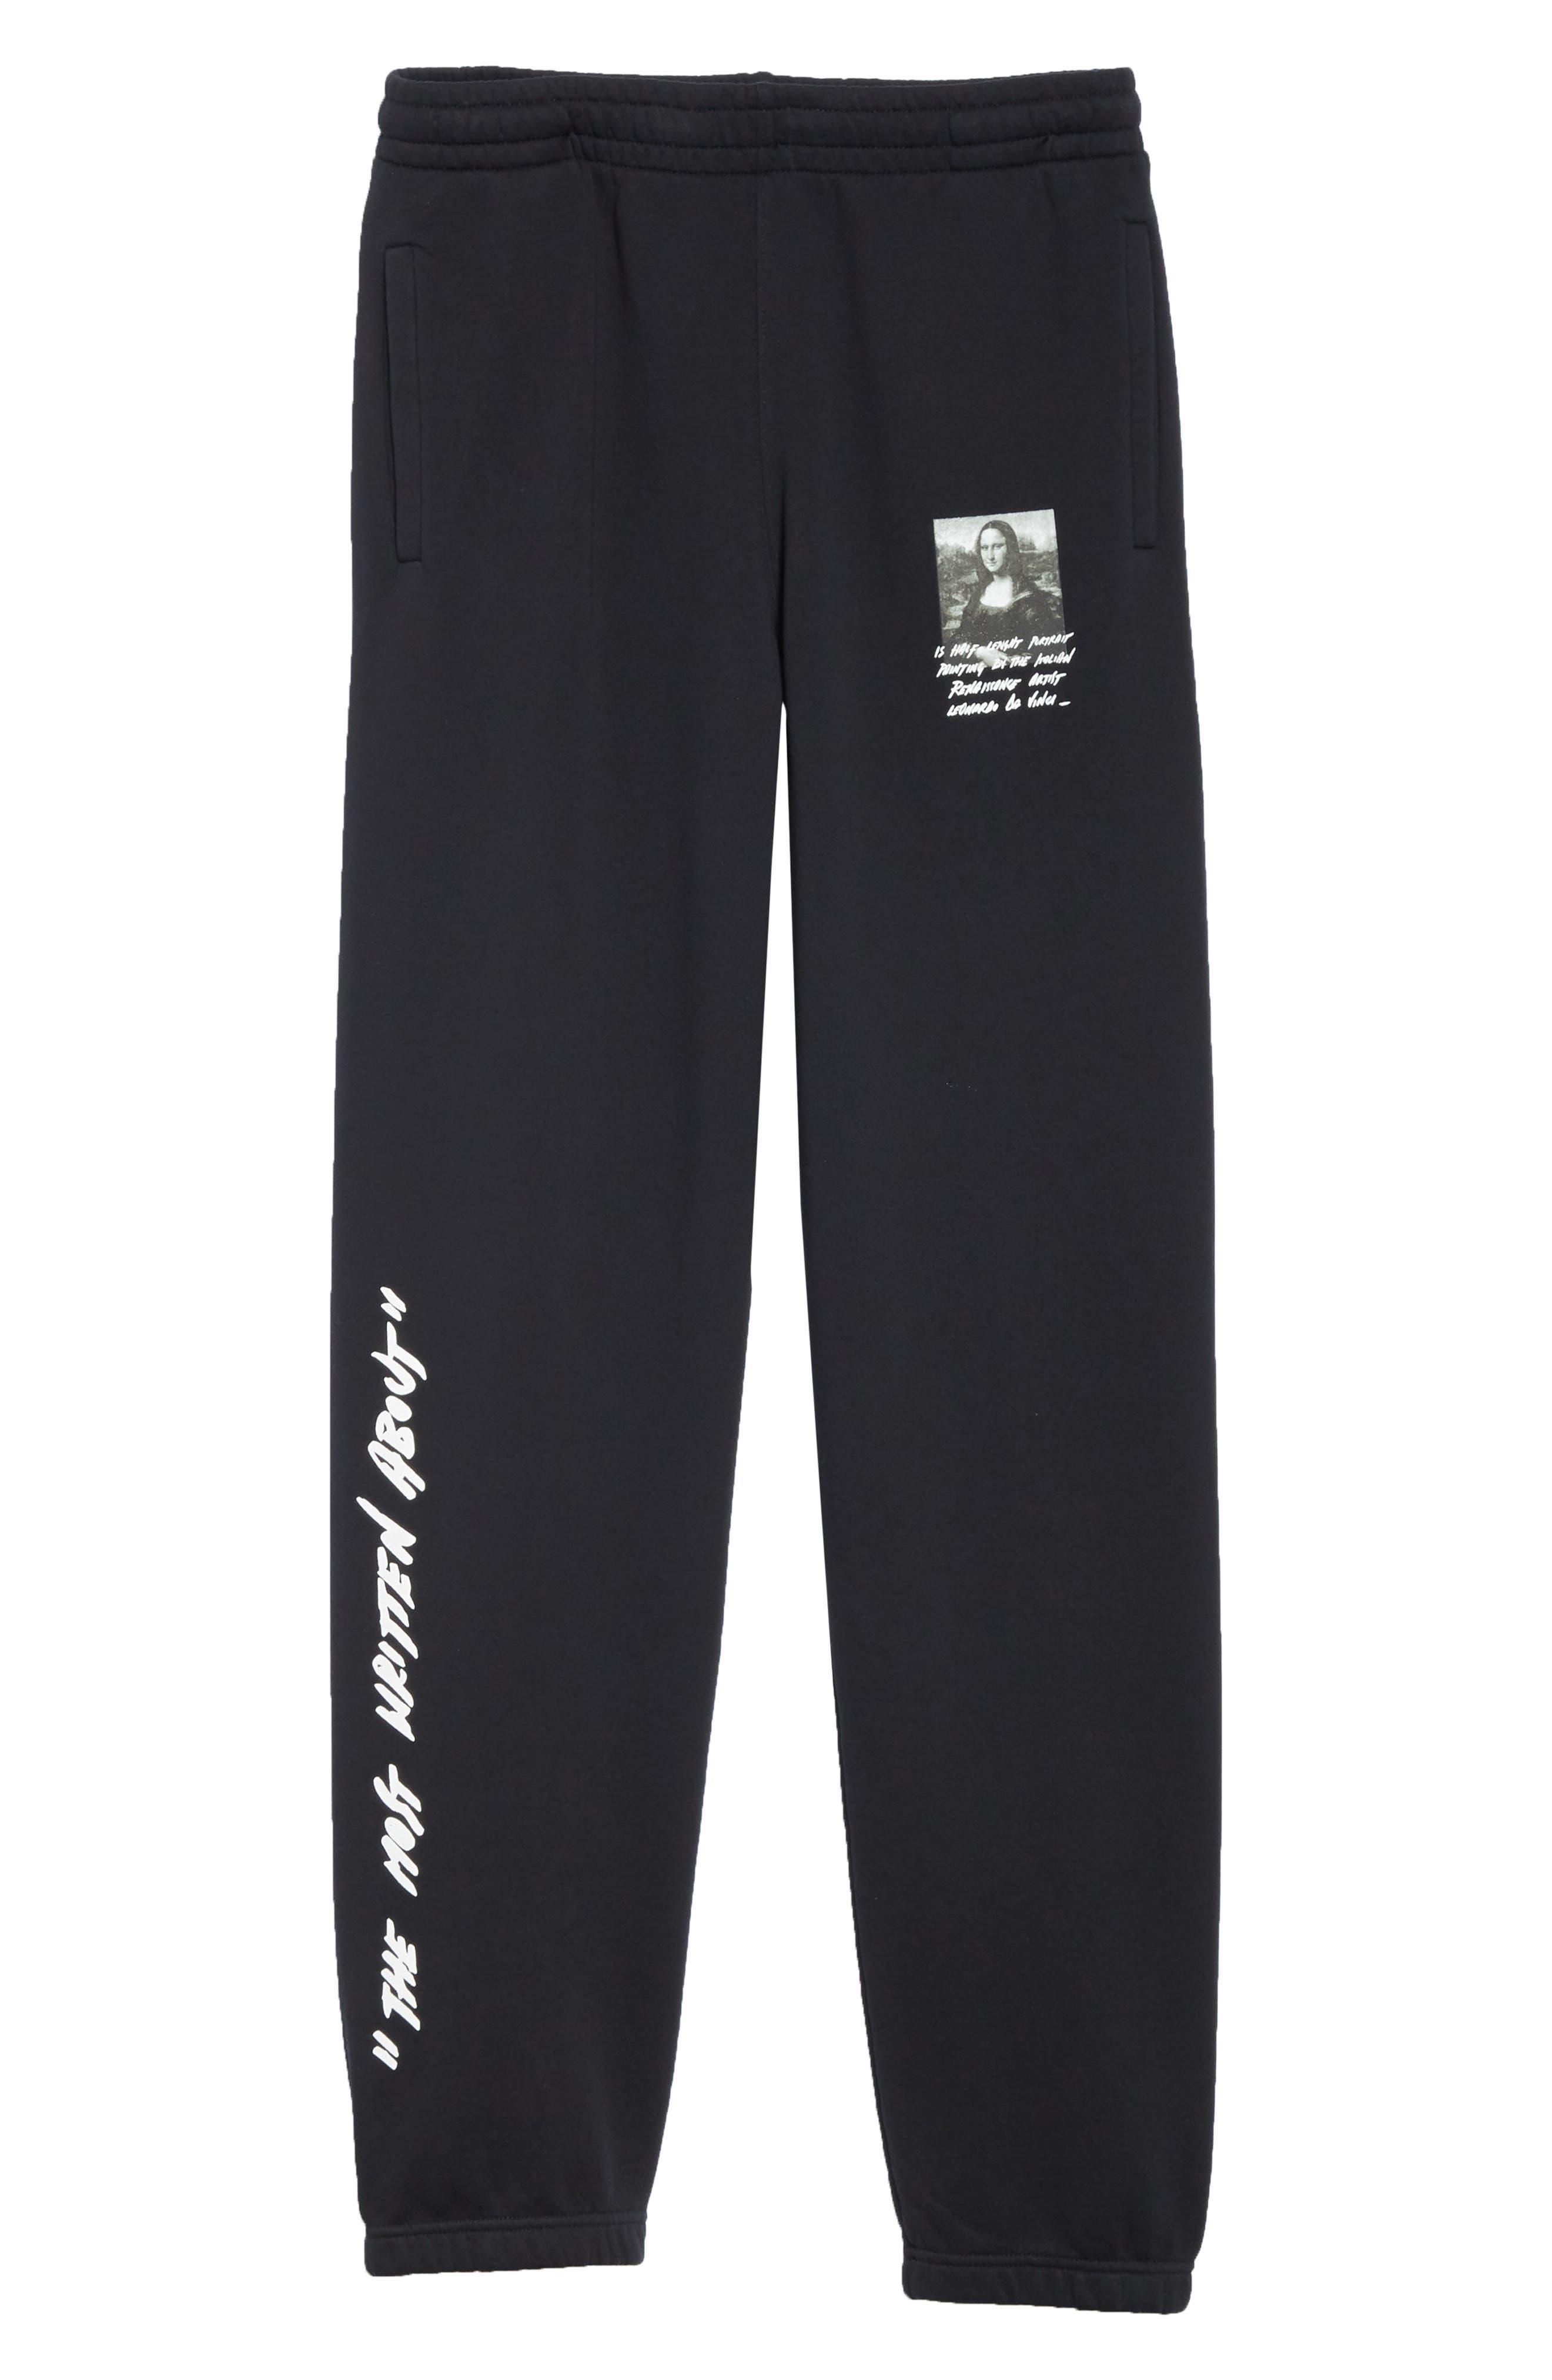 Monnalisa Slim Sweatpants,                             Alternate thumbnail 6, color,                             BLACK